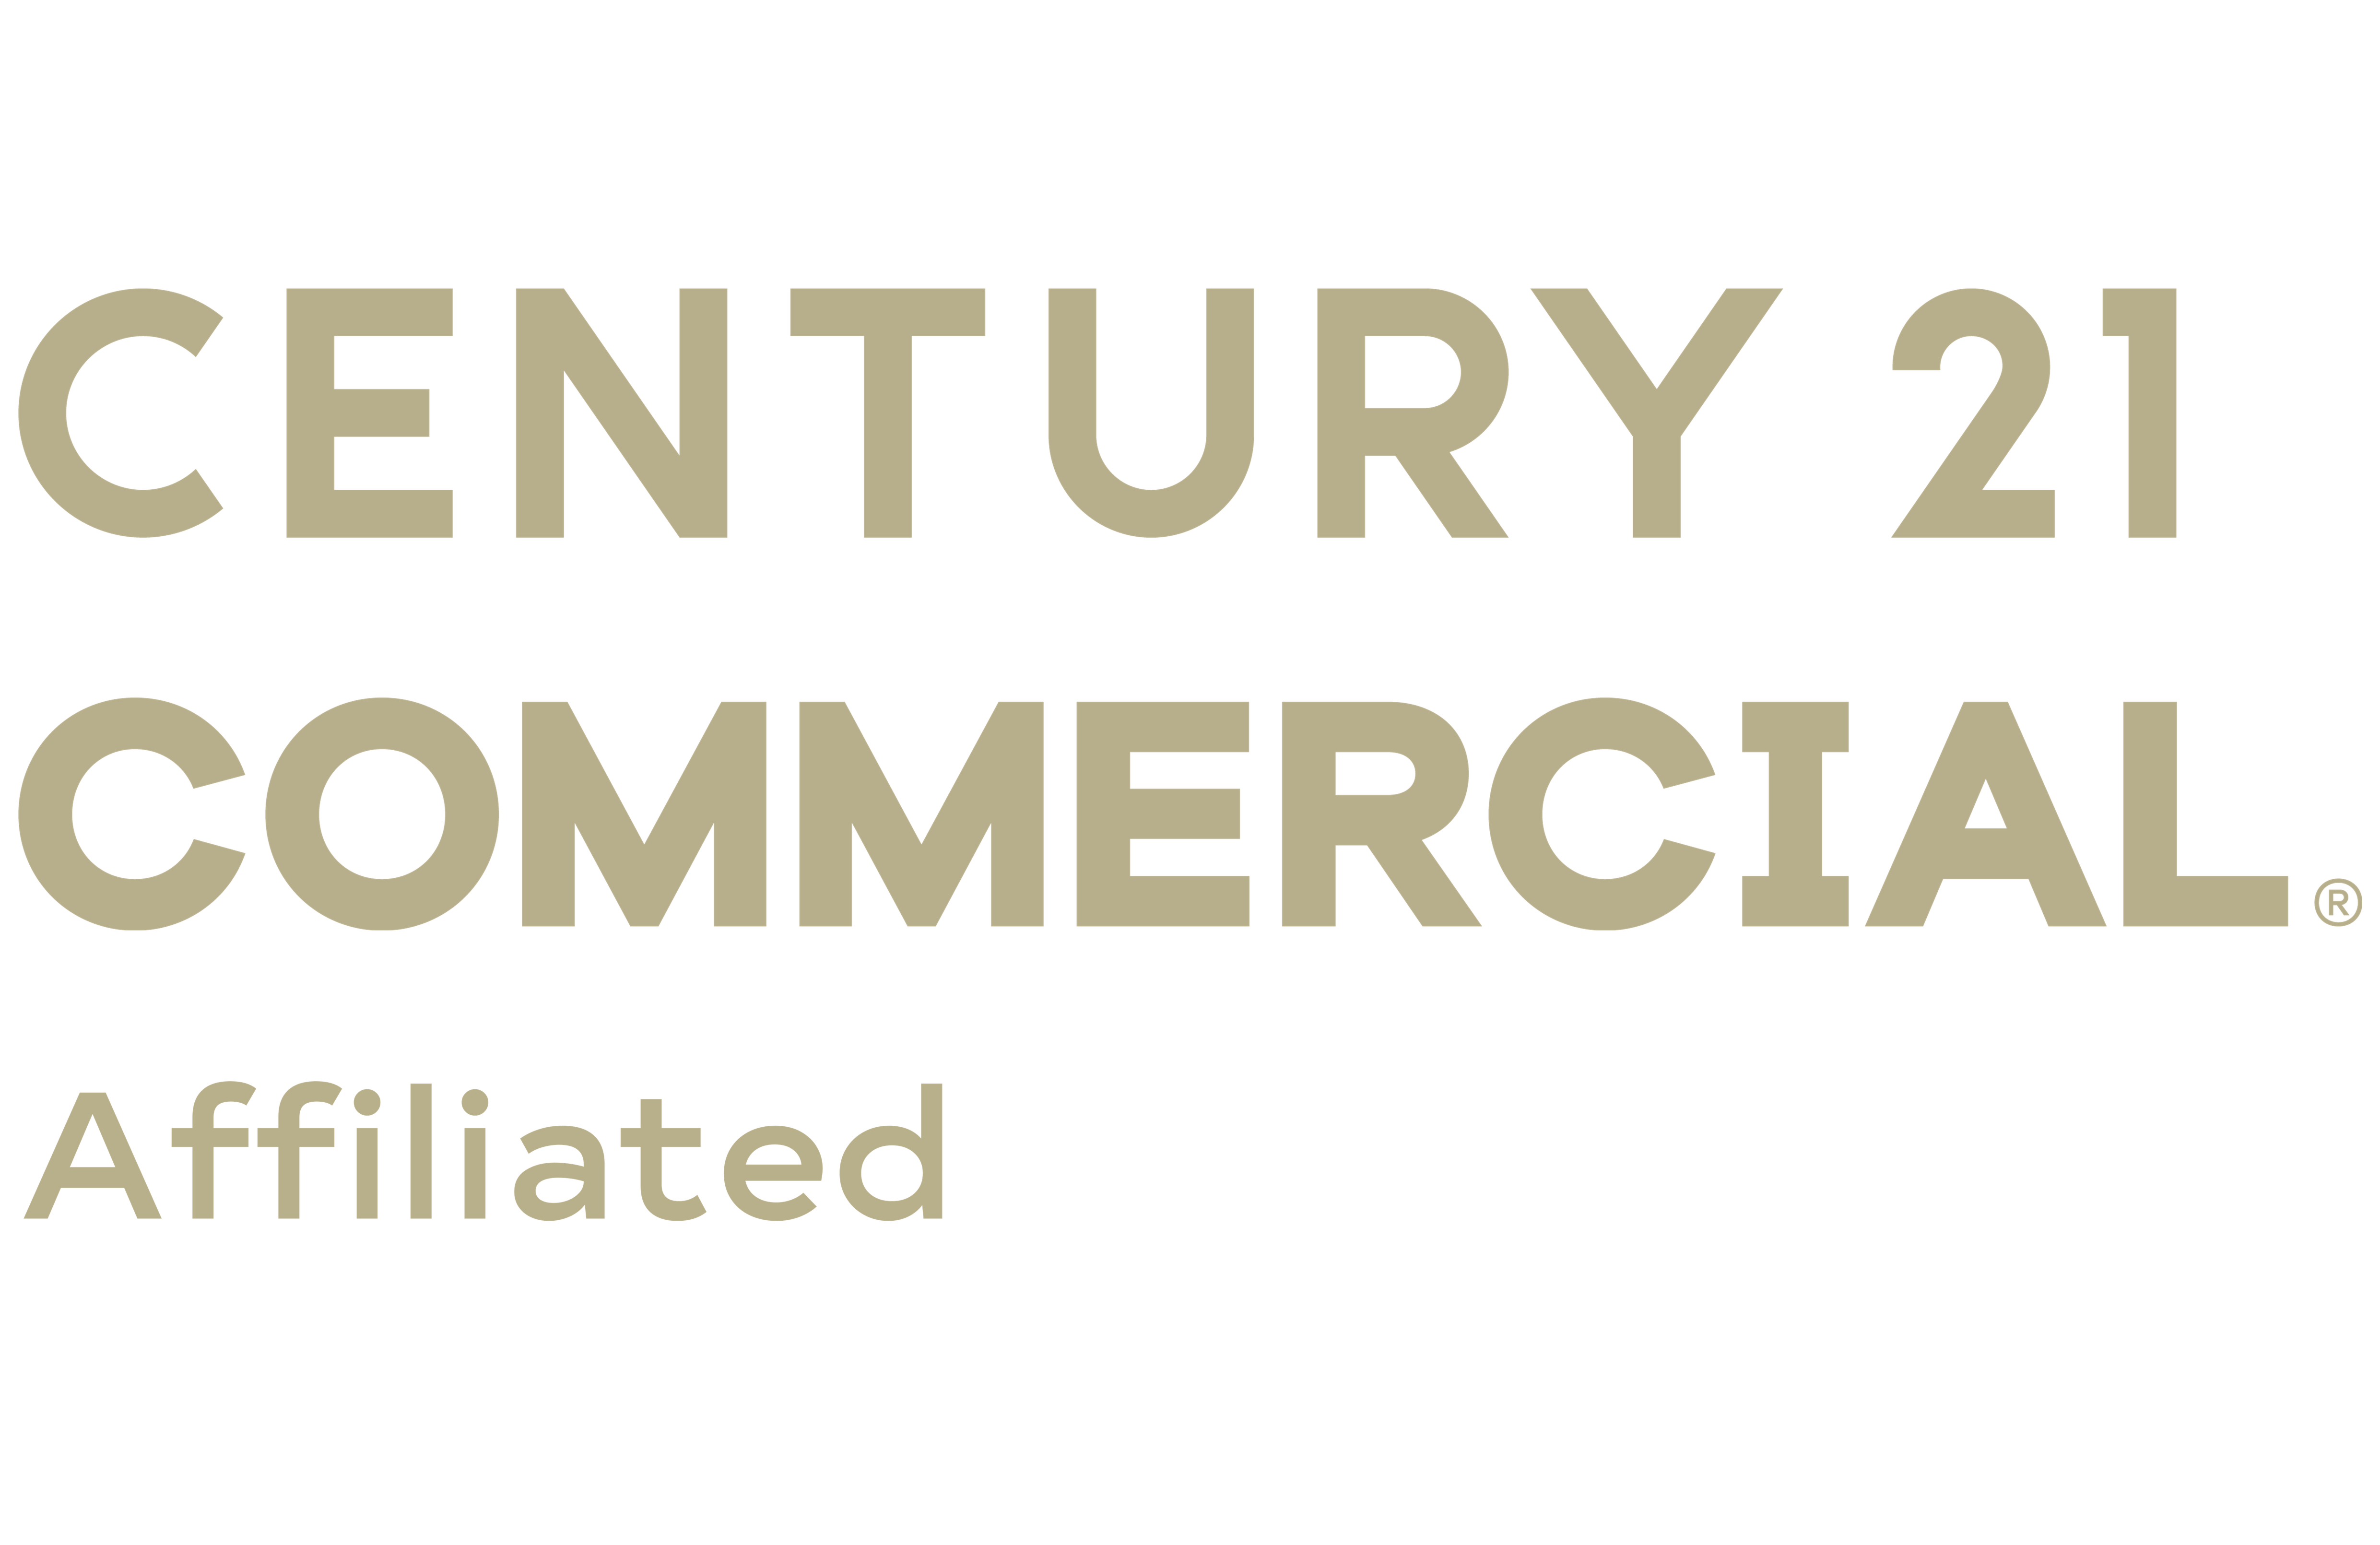 CENTURY 21 Affiliated